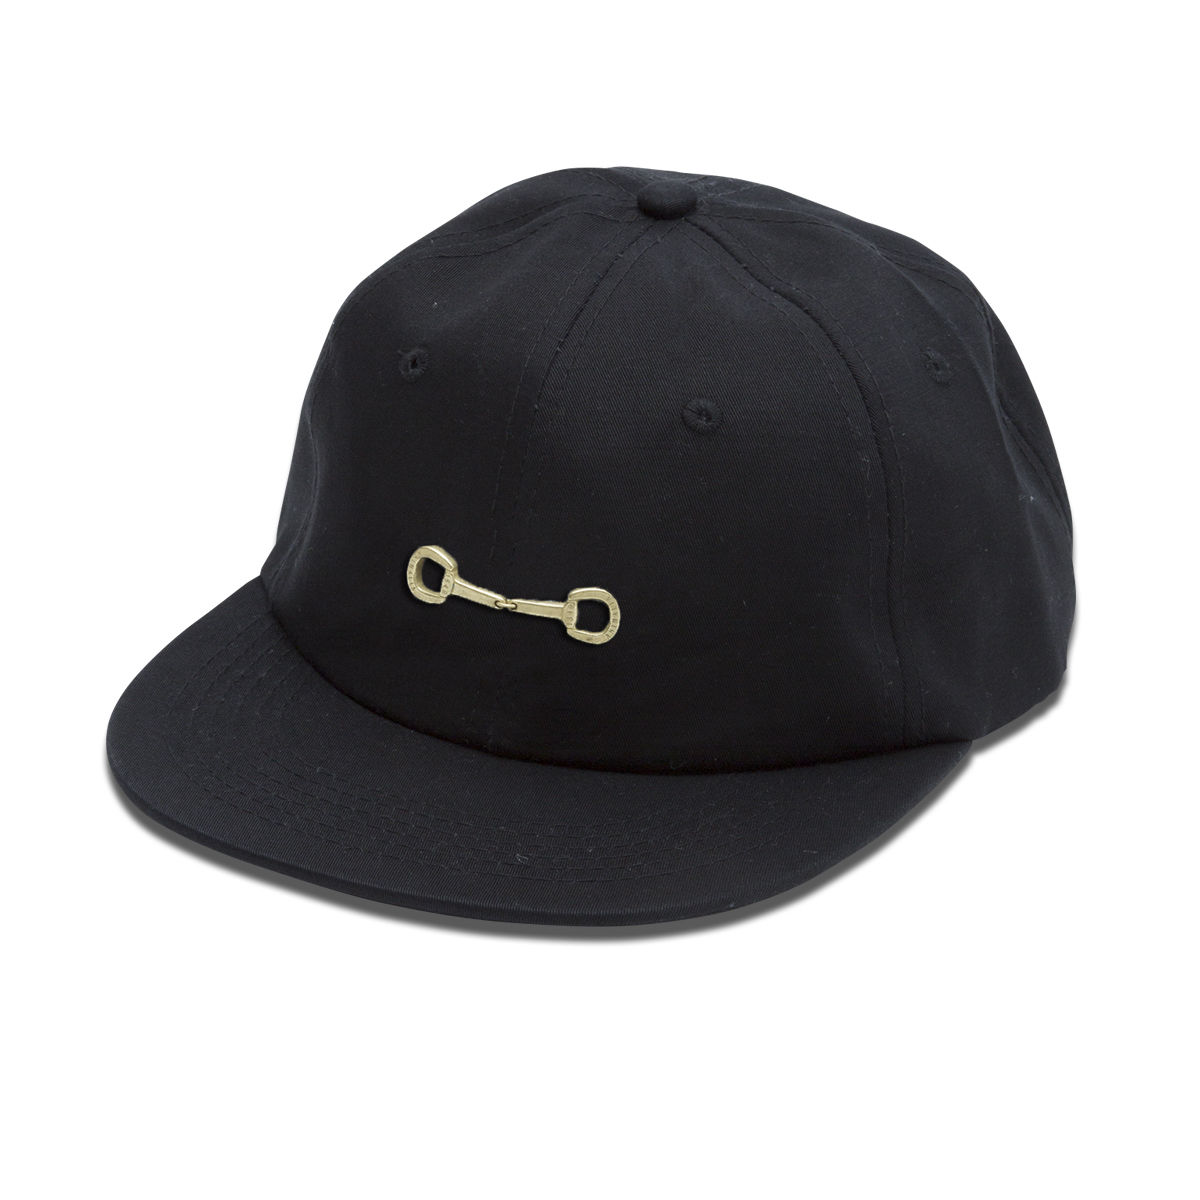 HORSE BIT CAP